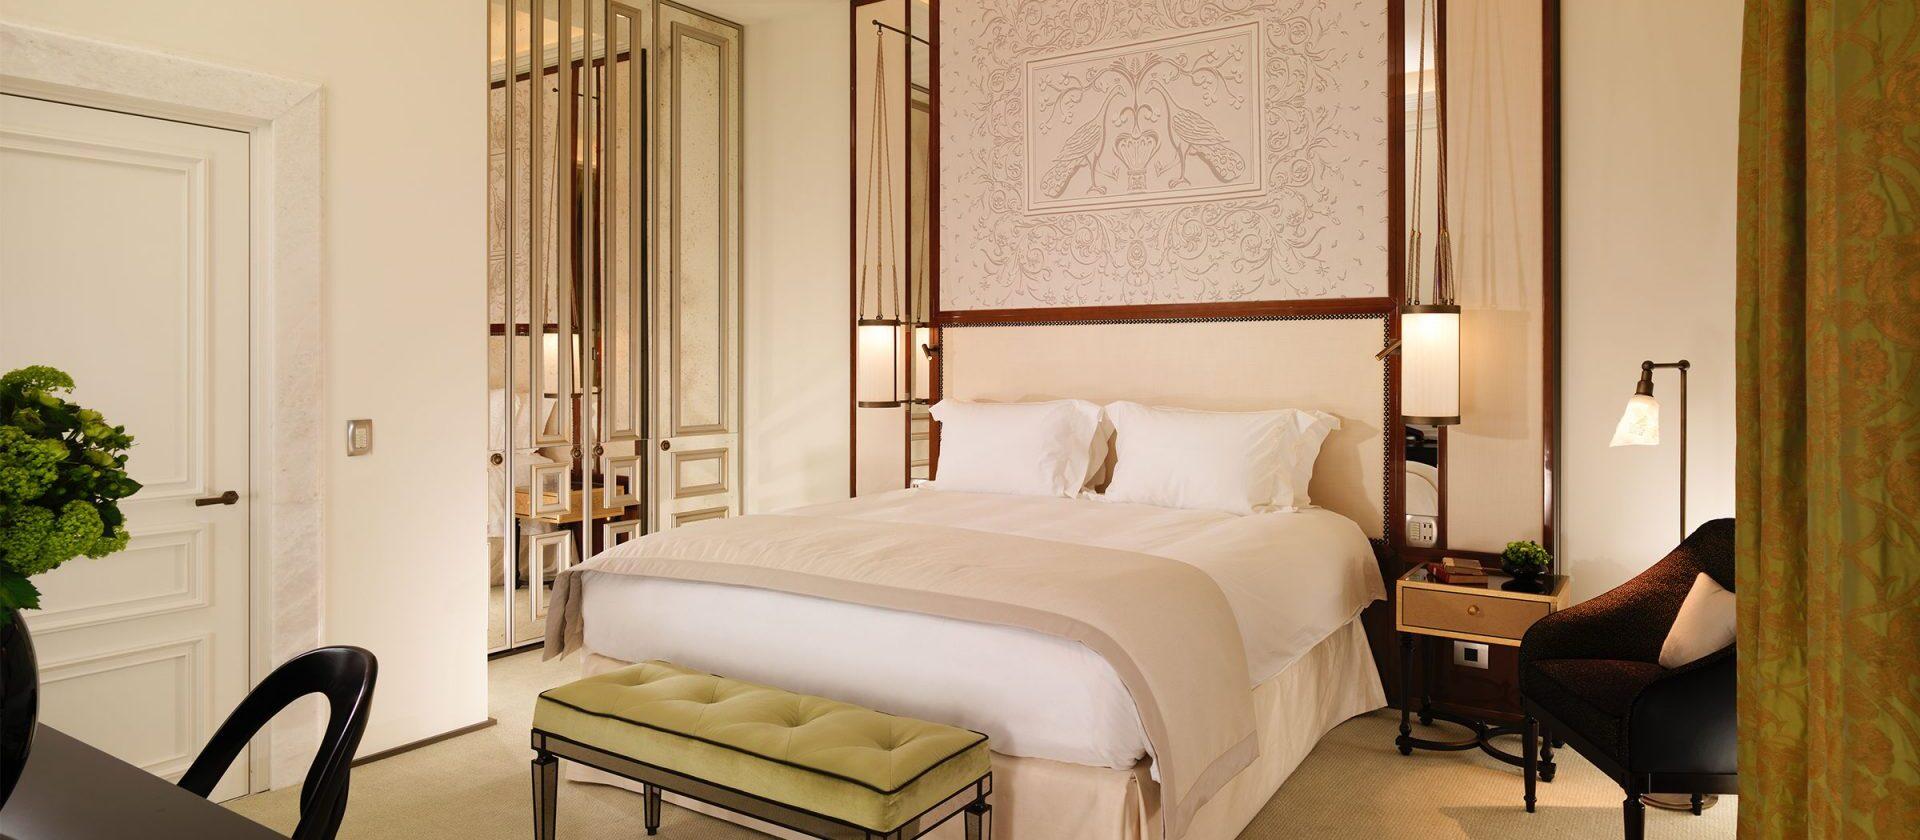 Prestige room rome hotel eden dorchester collection for 1920s hotel decor